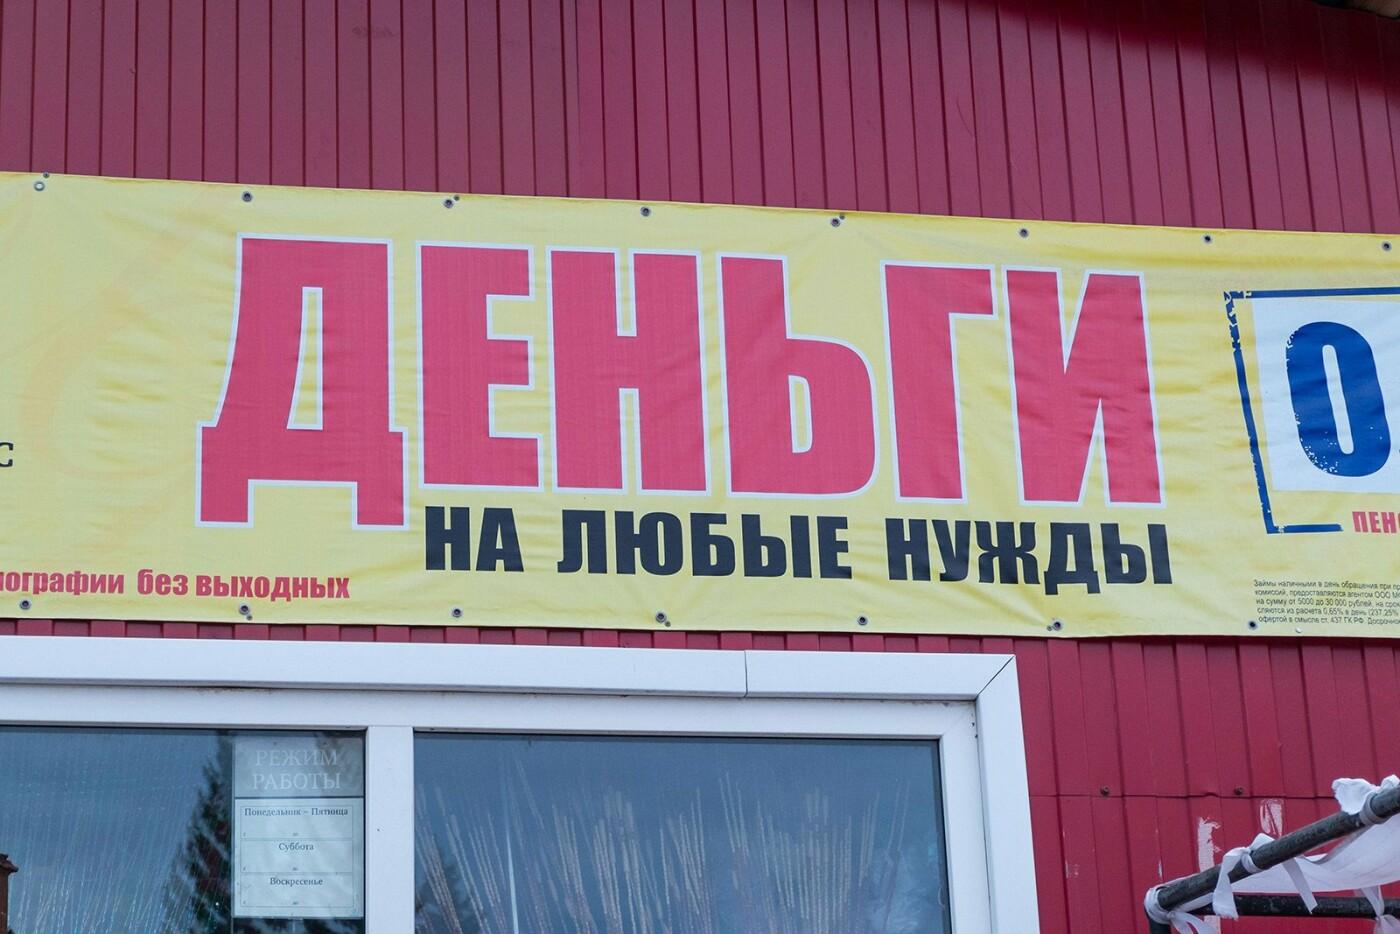 Представители бизнеса на Камчатке стали активнее брать займы в МФО, фото-1